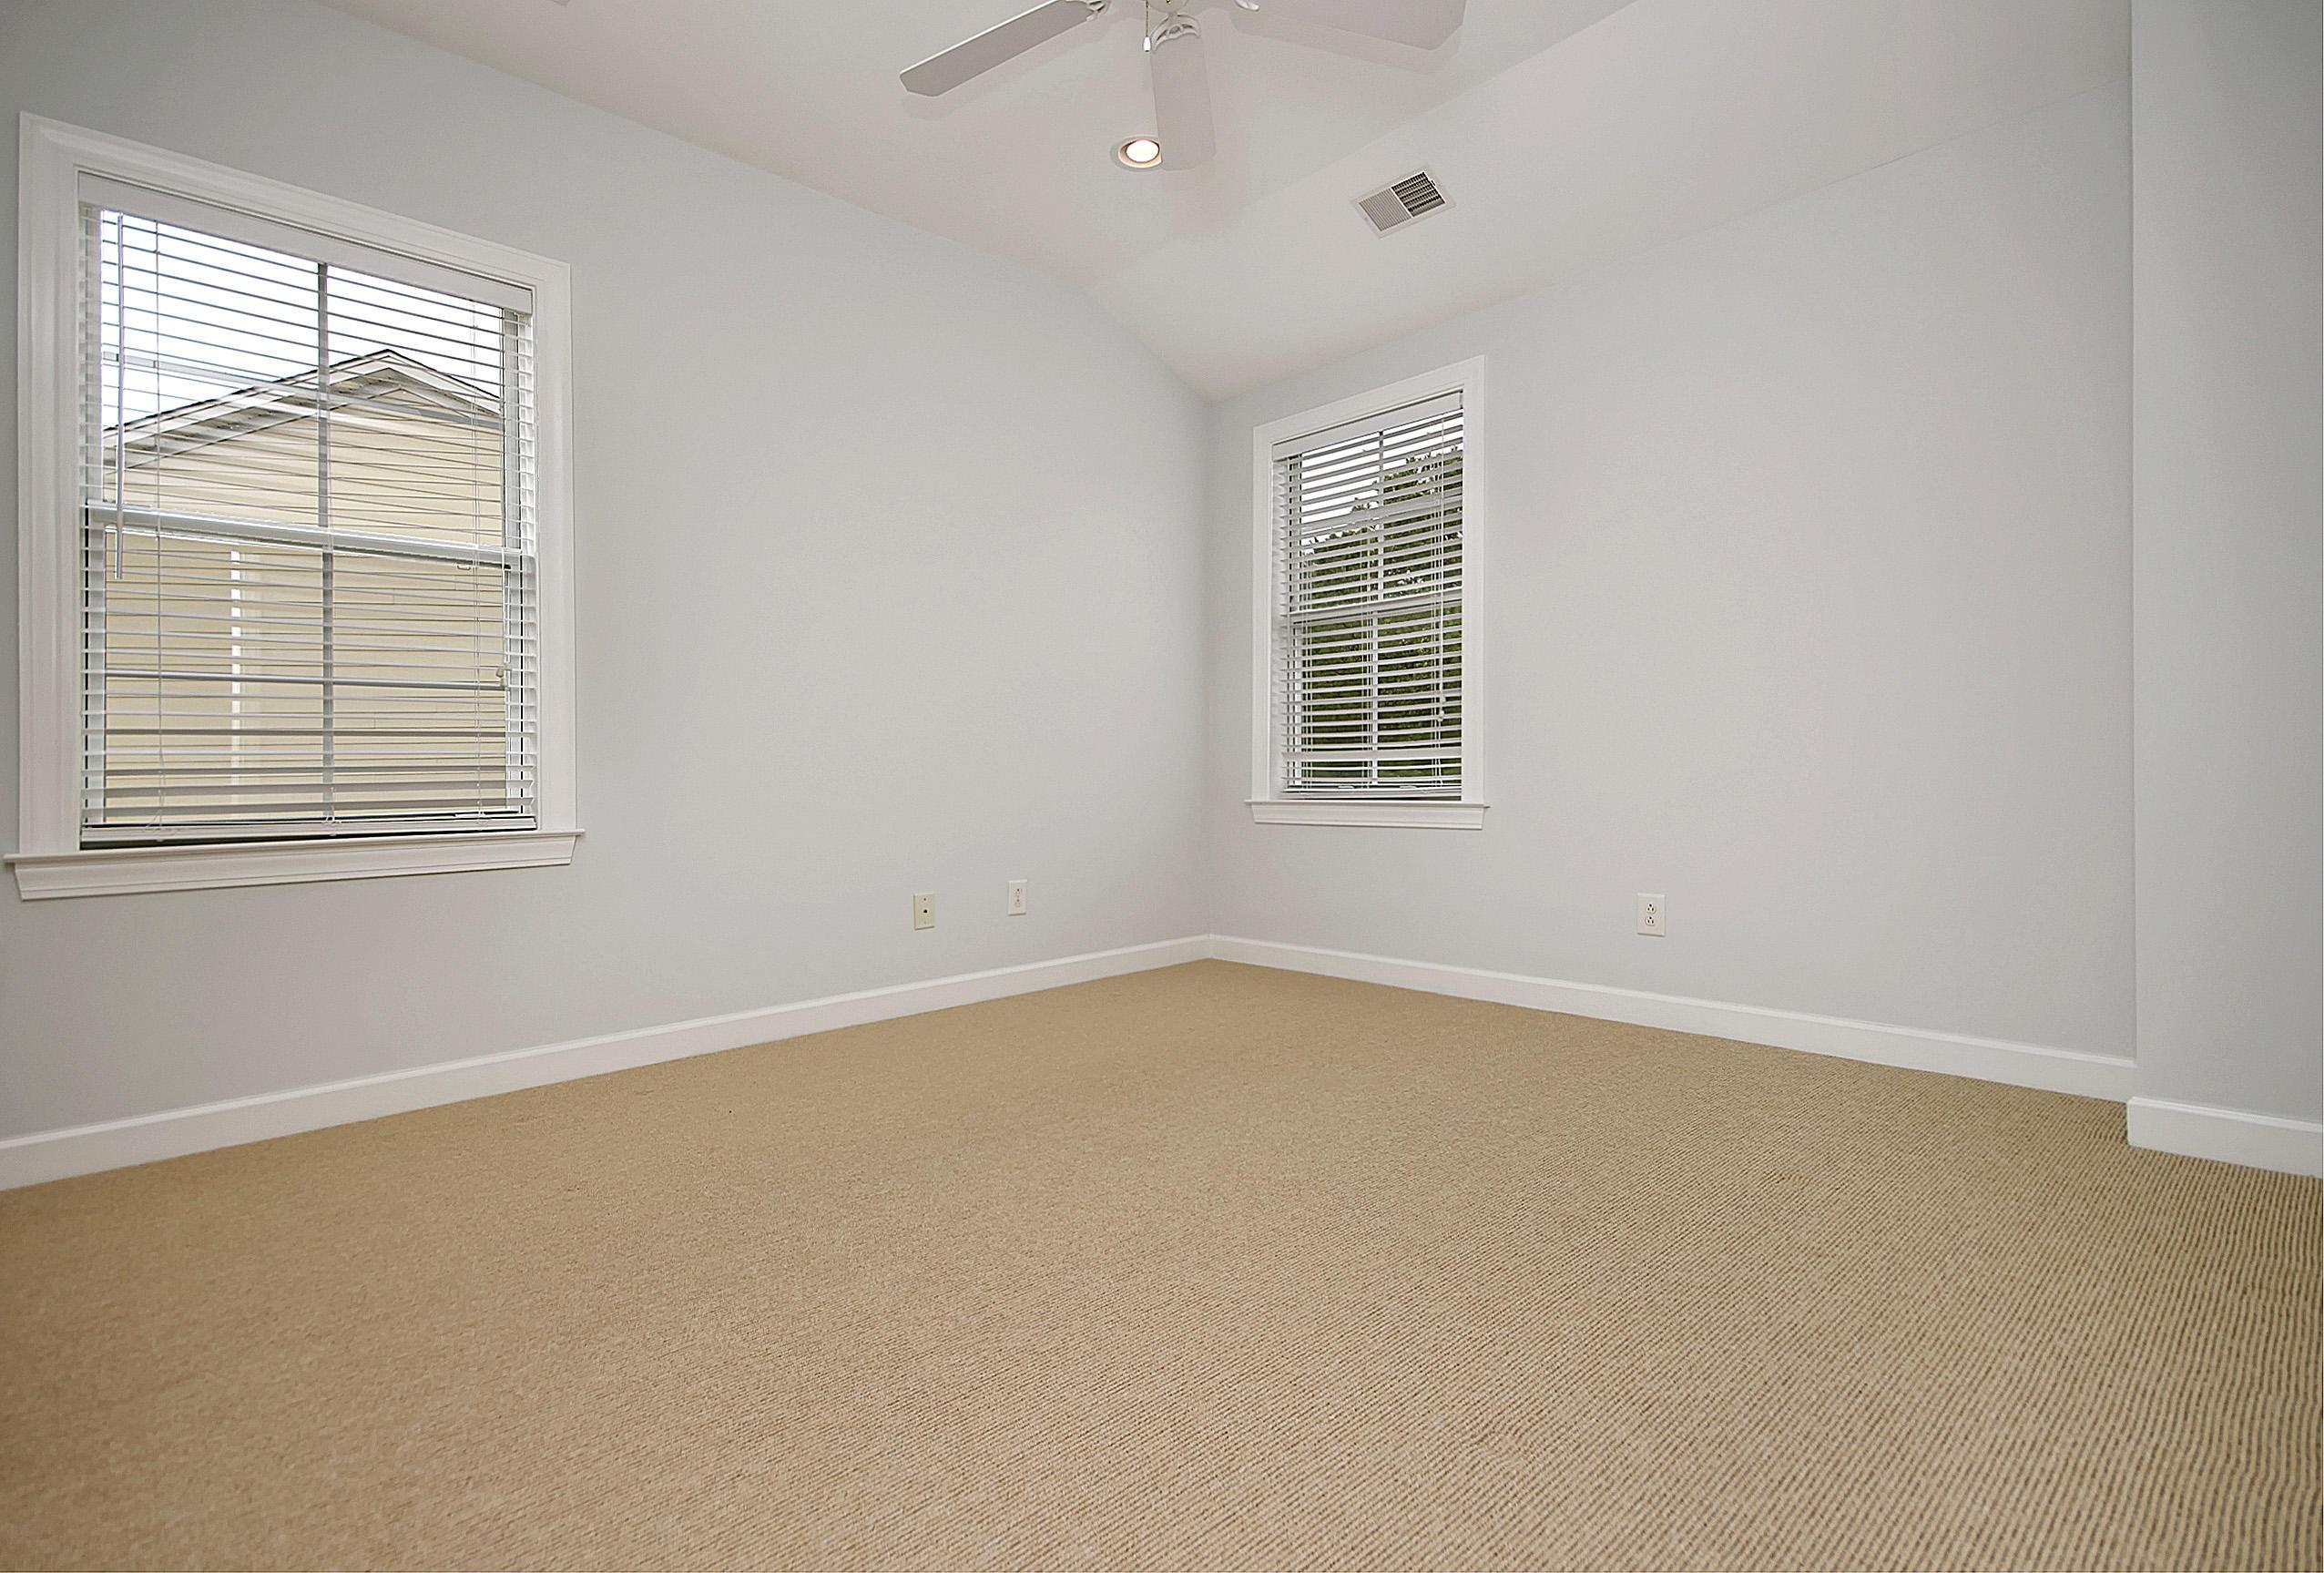 Dunes West Homes For Sale - 148 Palm Cove, Mount Pleasant, SC - 14